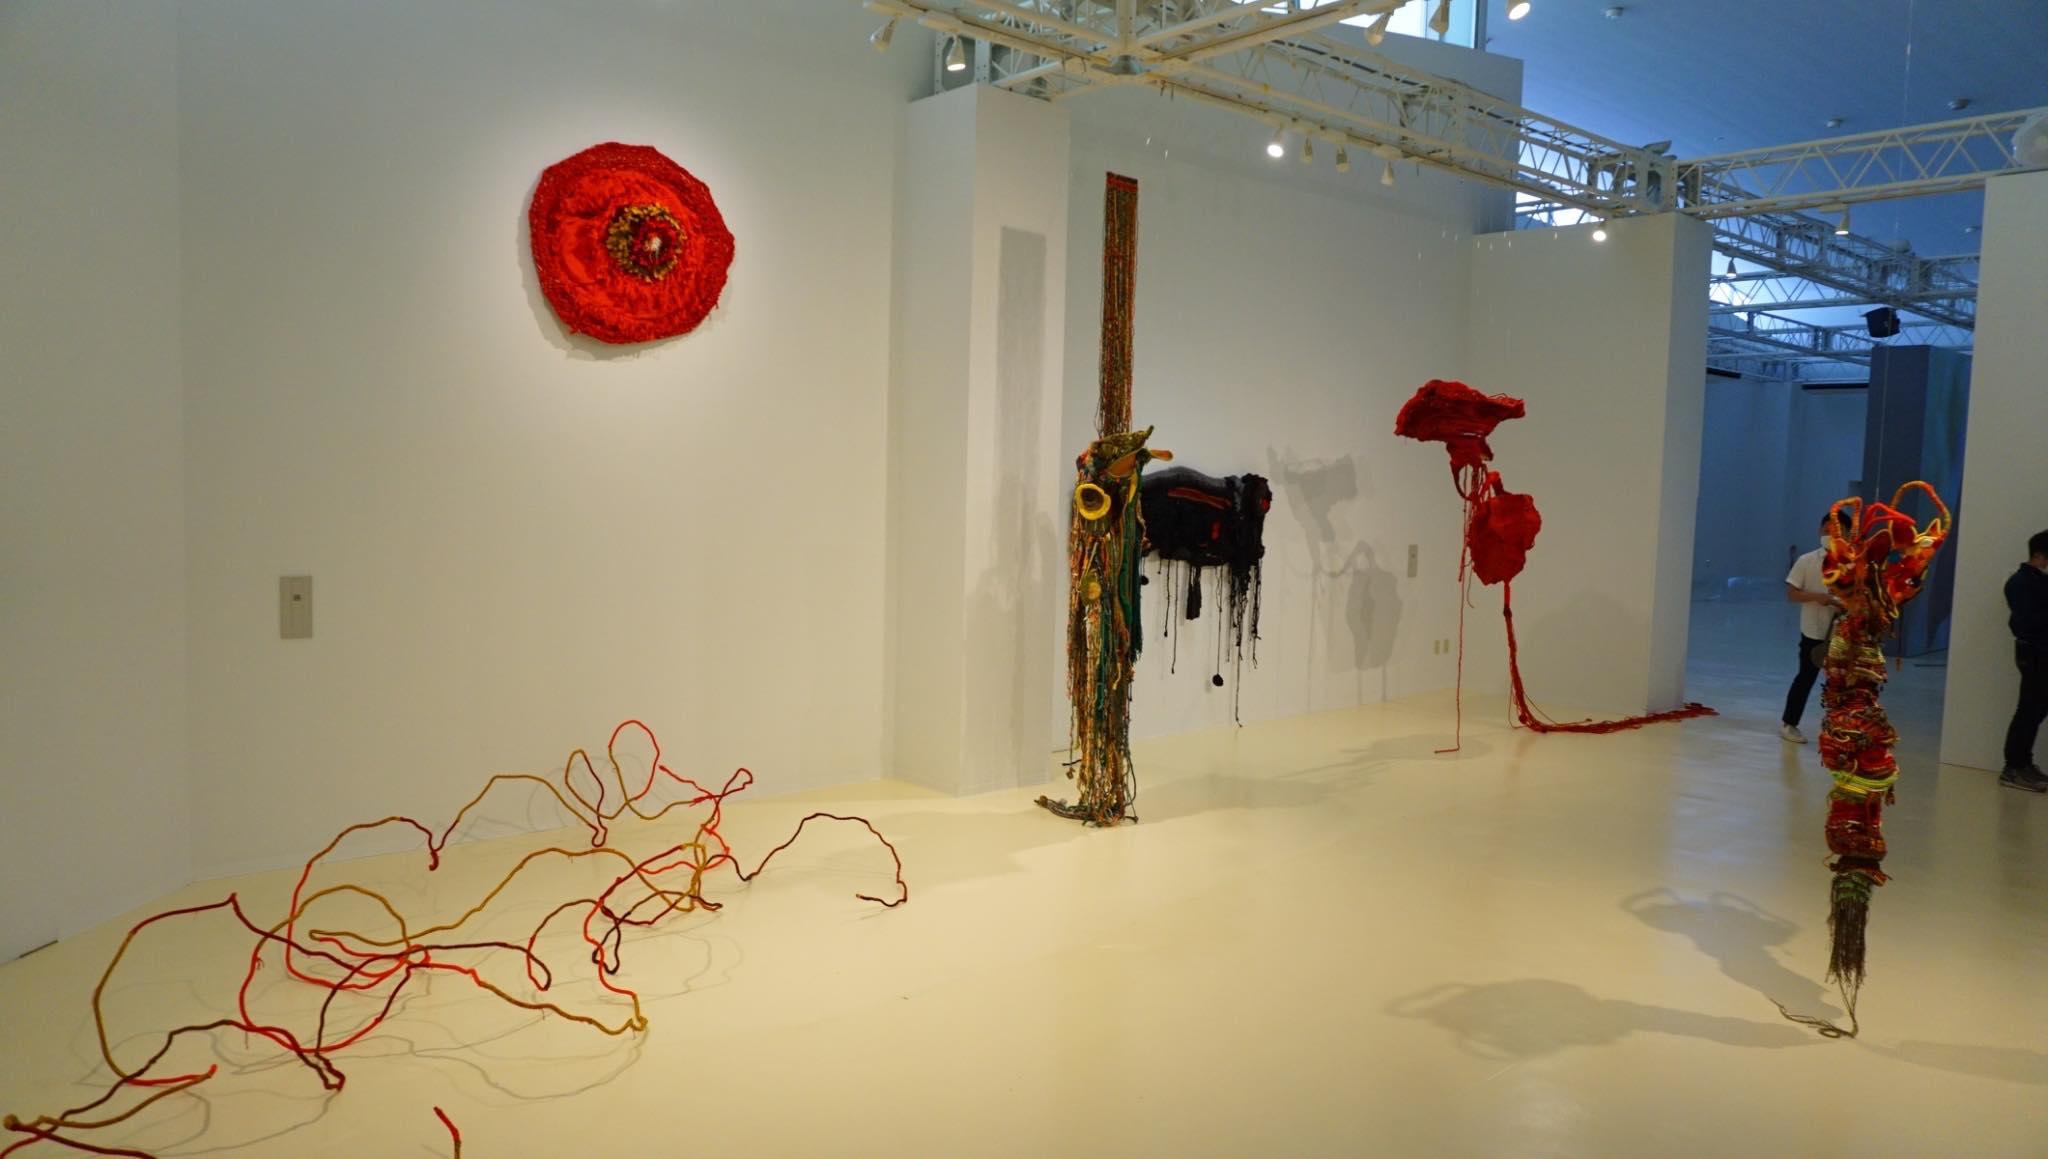 武玉玲展出《生命軸》等5件作品,呈現豐富多元的女性意象.jpg